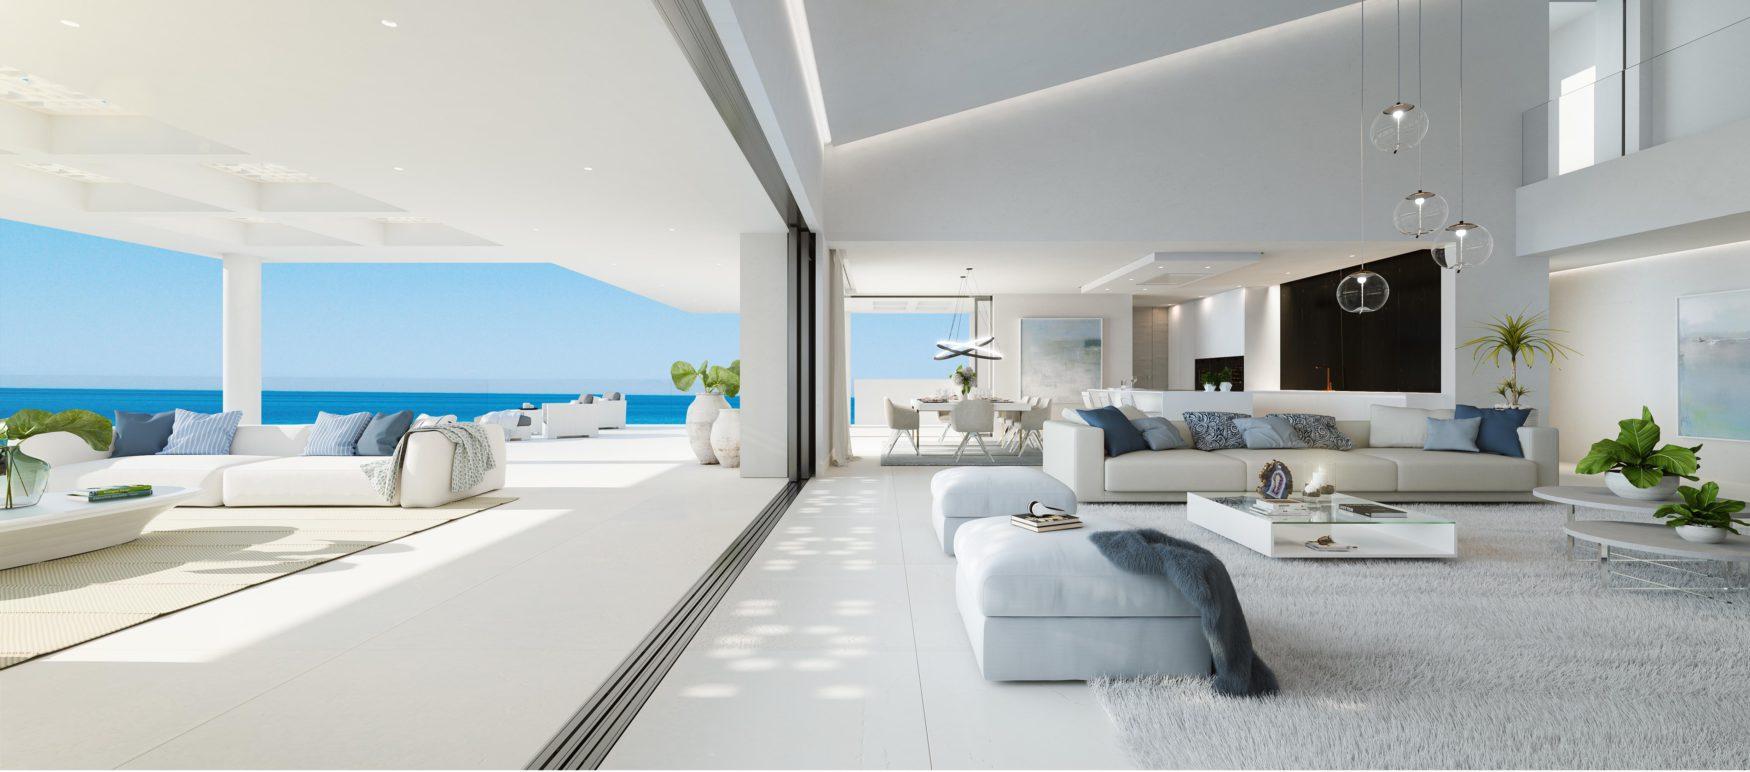 Estepona West Marbella Appartements & Villas